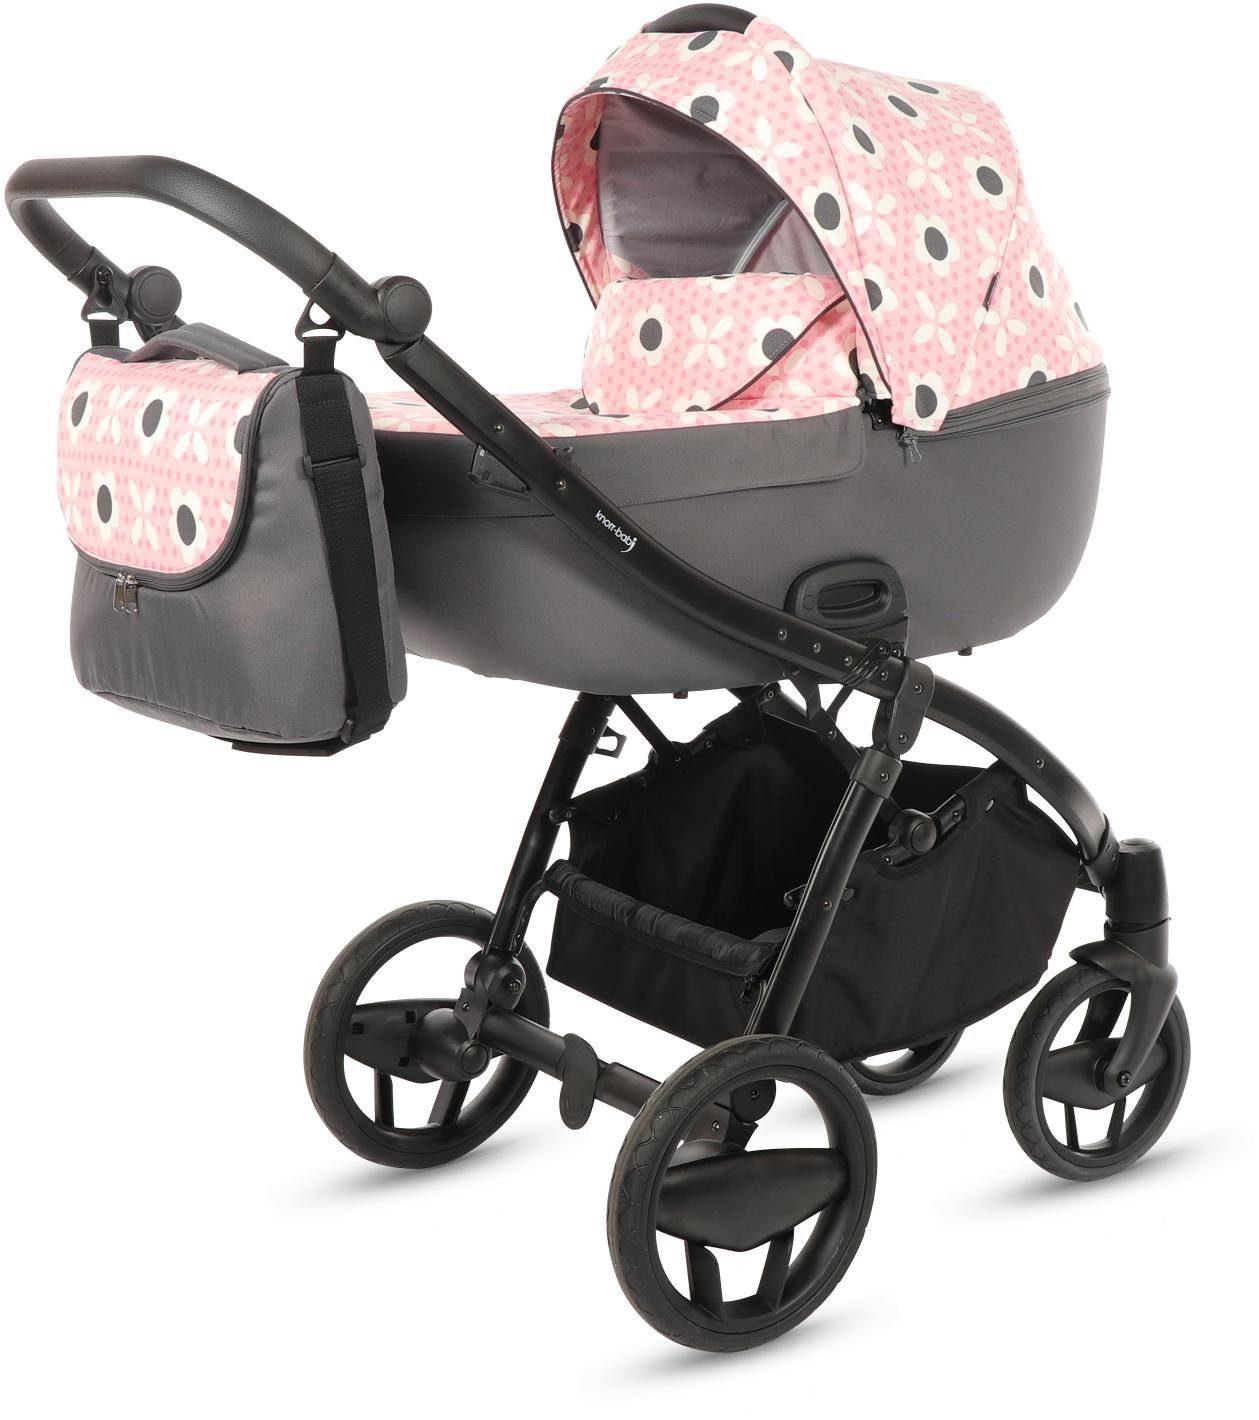 knorr-baby Kombi-Kinderwagen Set, »Piquetto Limited Edition Flower, pink-grau«